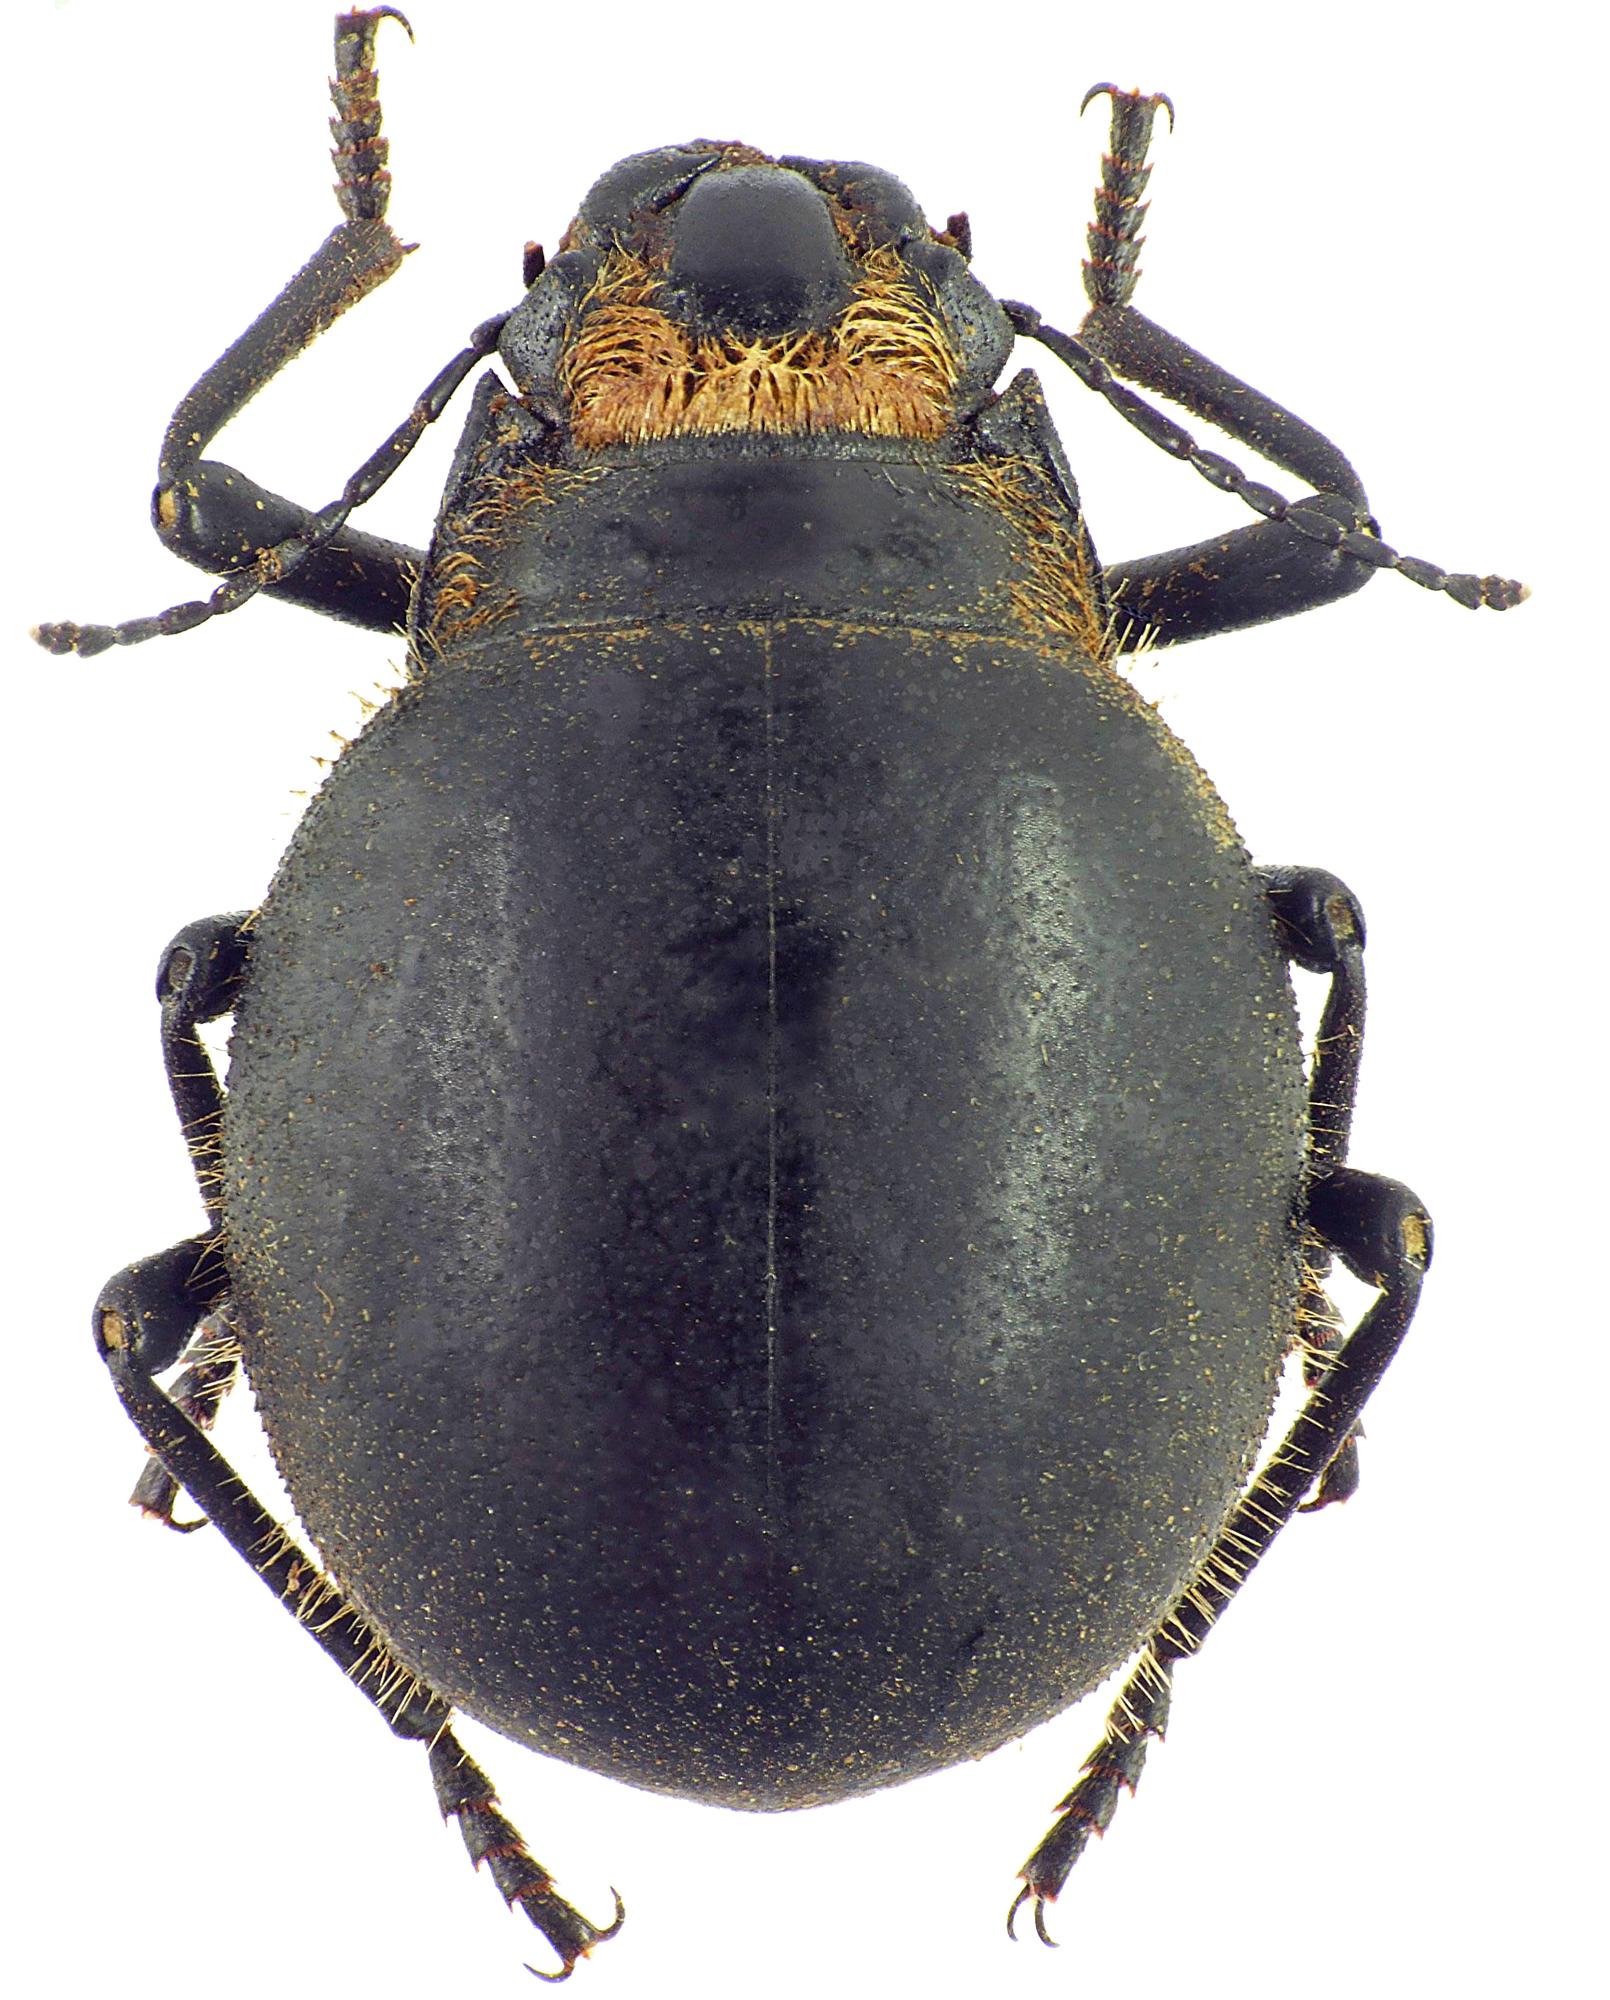 Epiphysa flavicollis 23938cz46.jpg